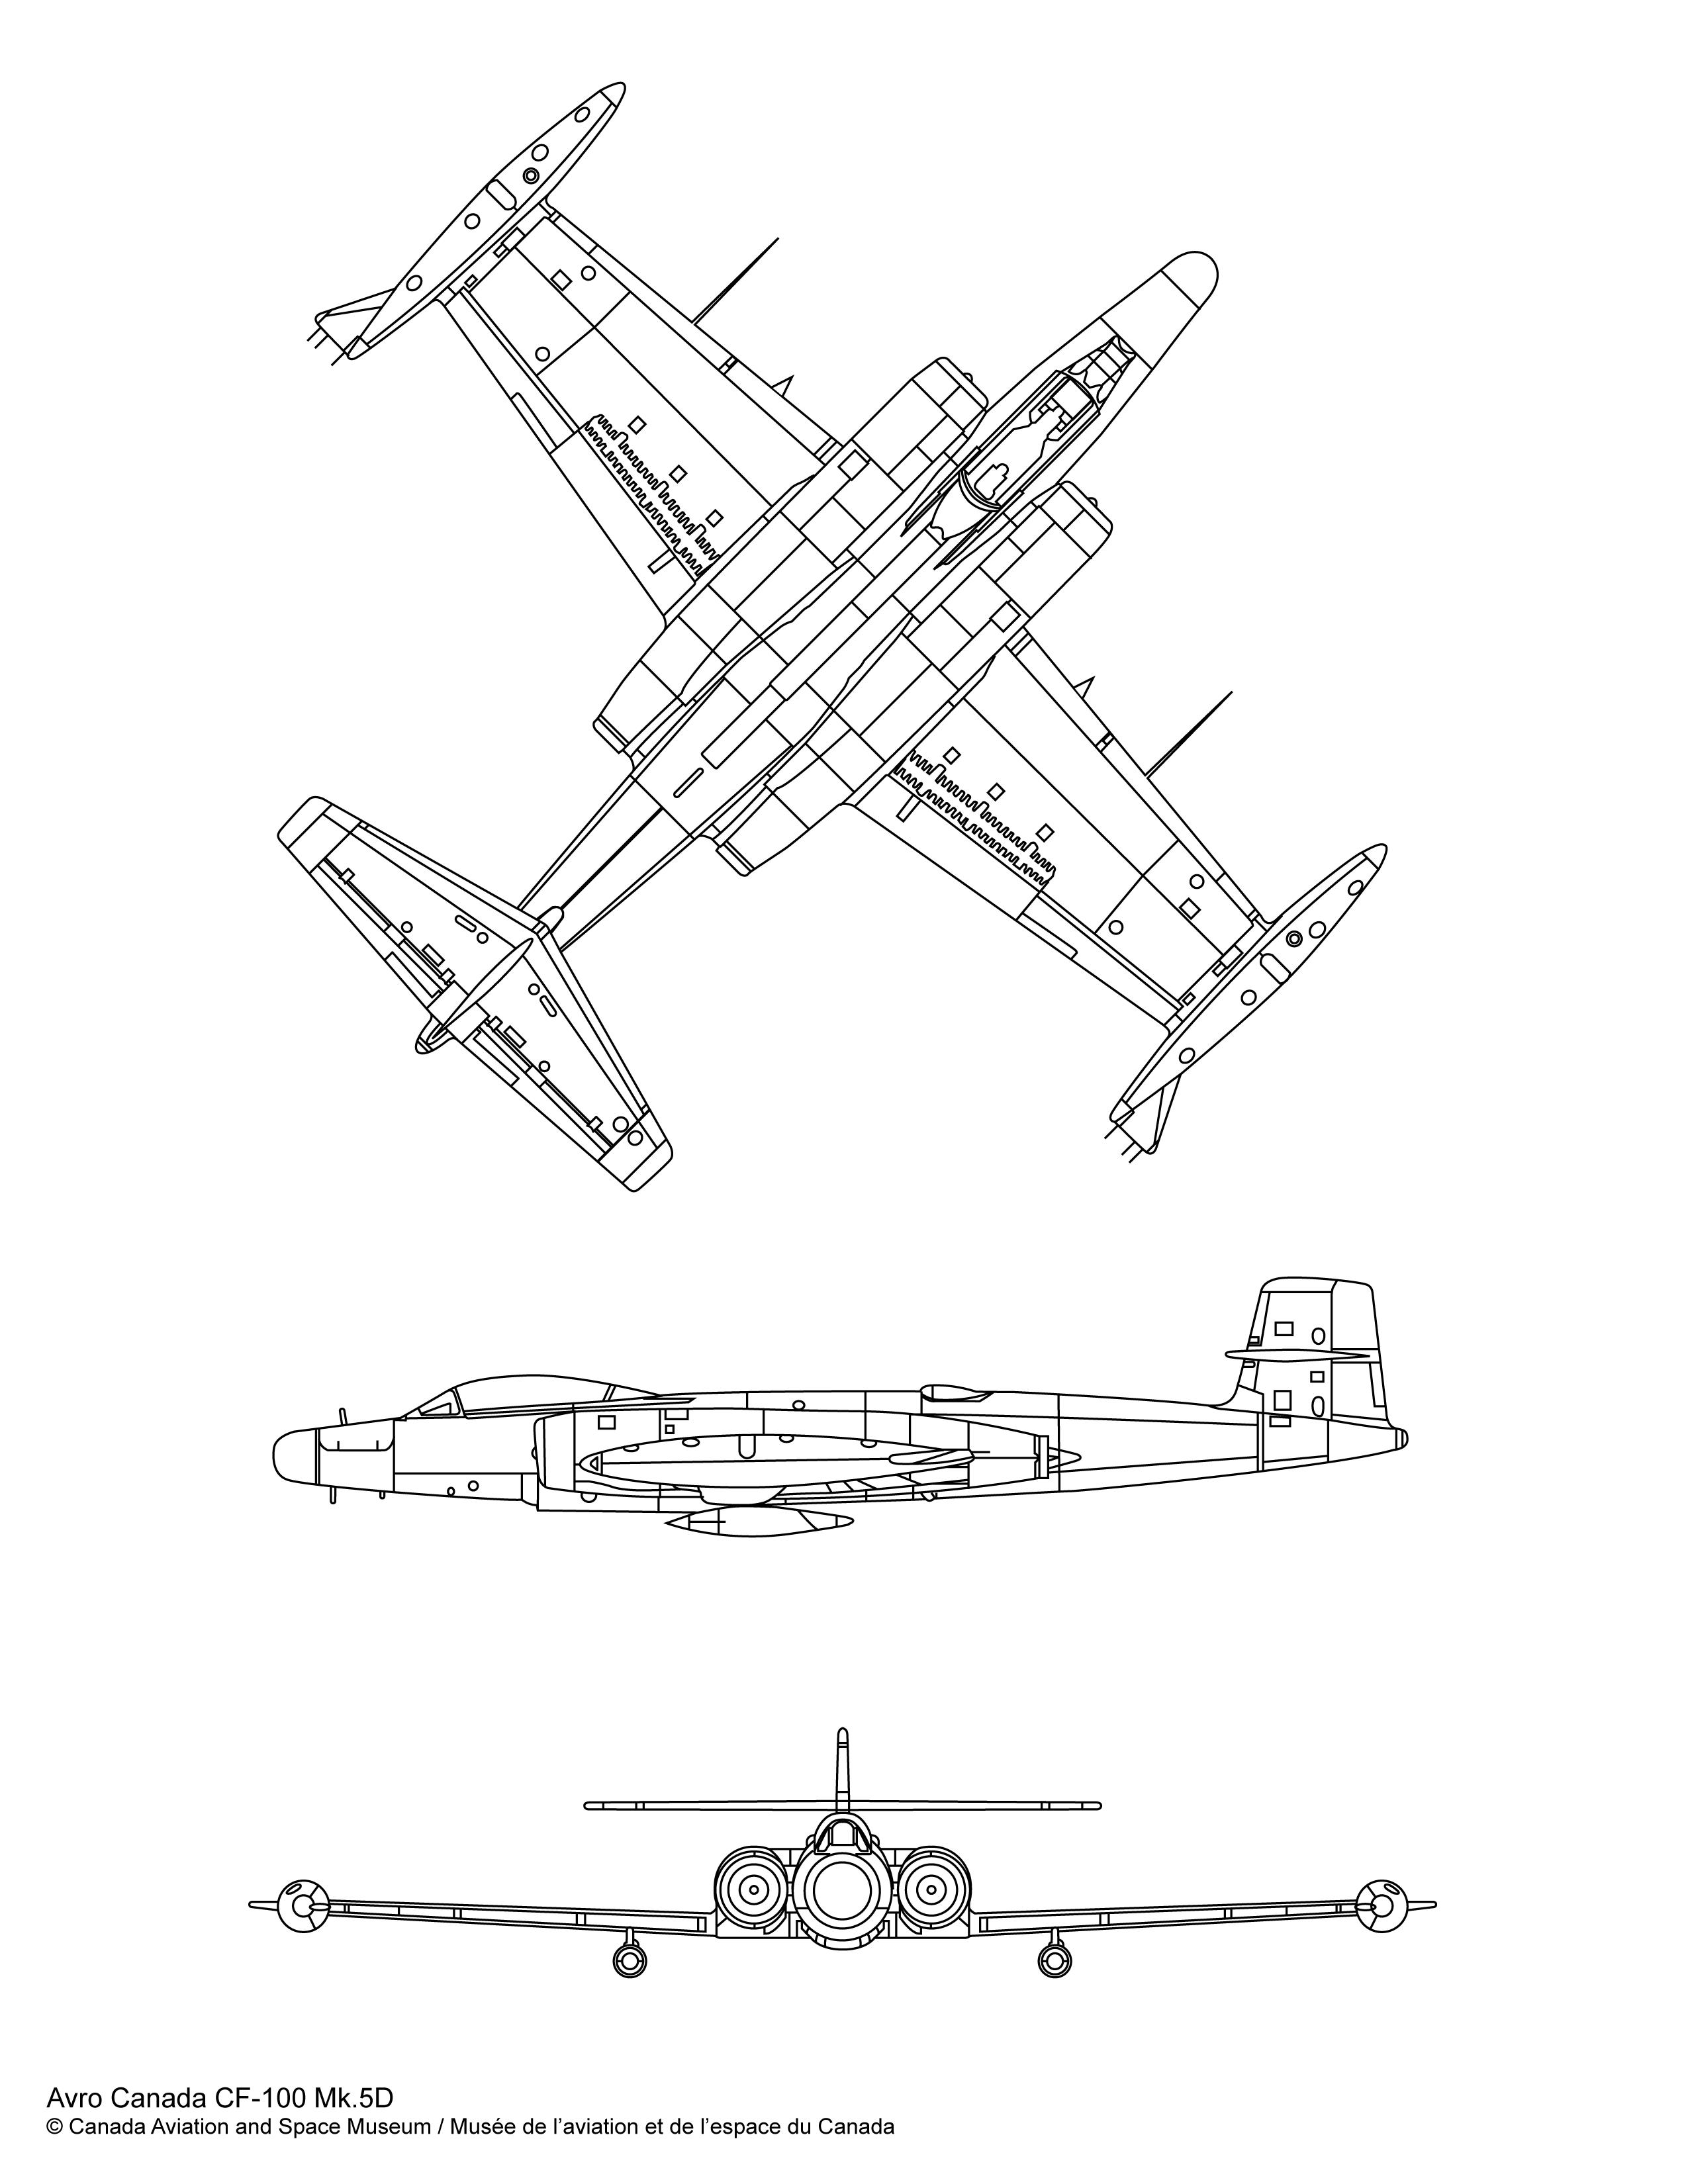 Avro Canada Cf 100 Mk 5d